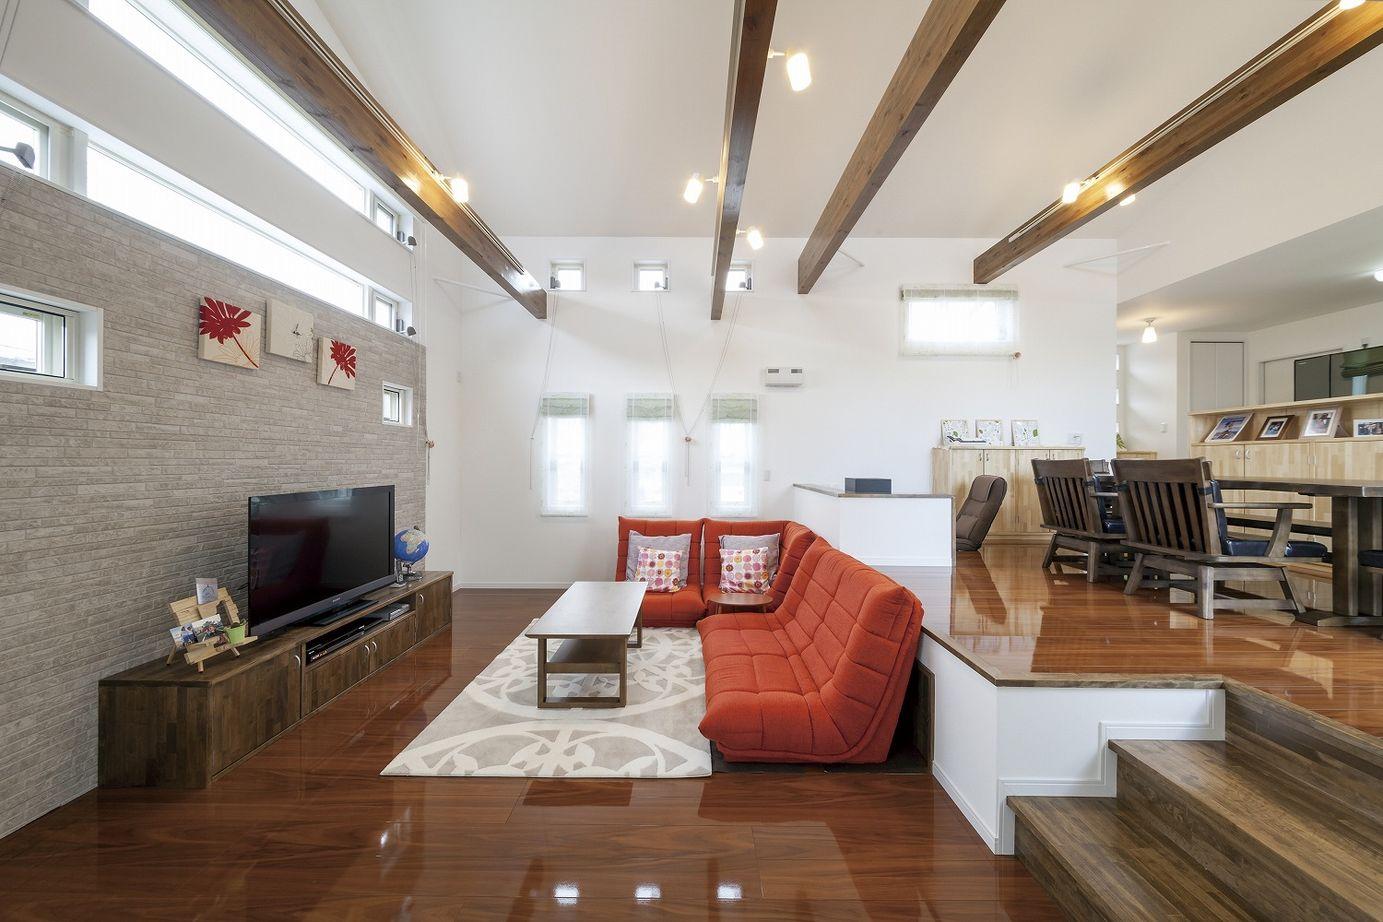 【平屋】プライバシーも守る光の設計。開放的なスキップフロアの平屋の家画像1